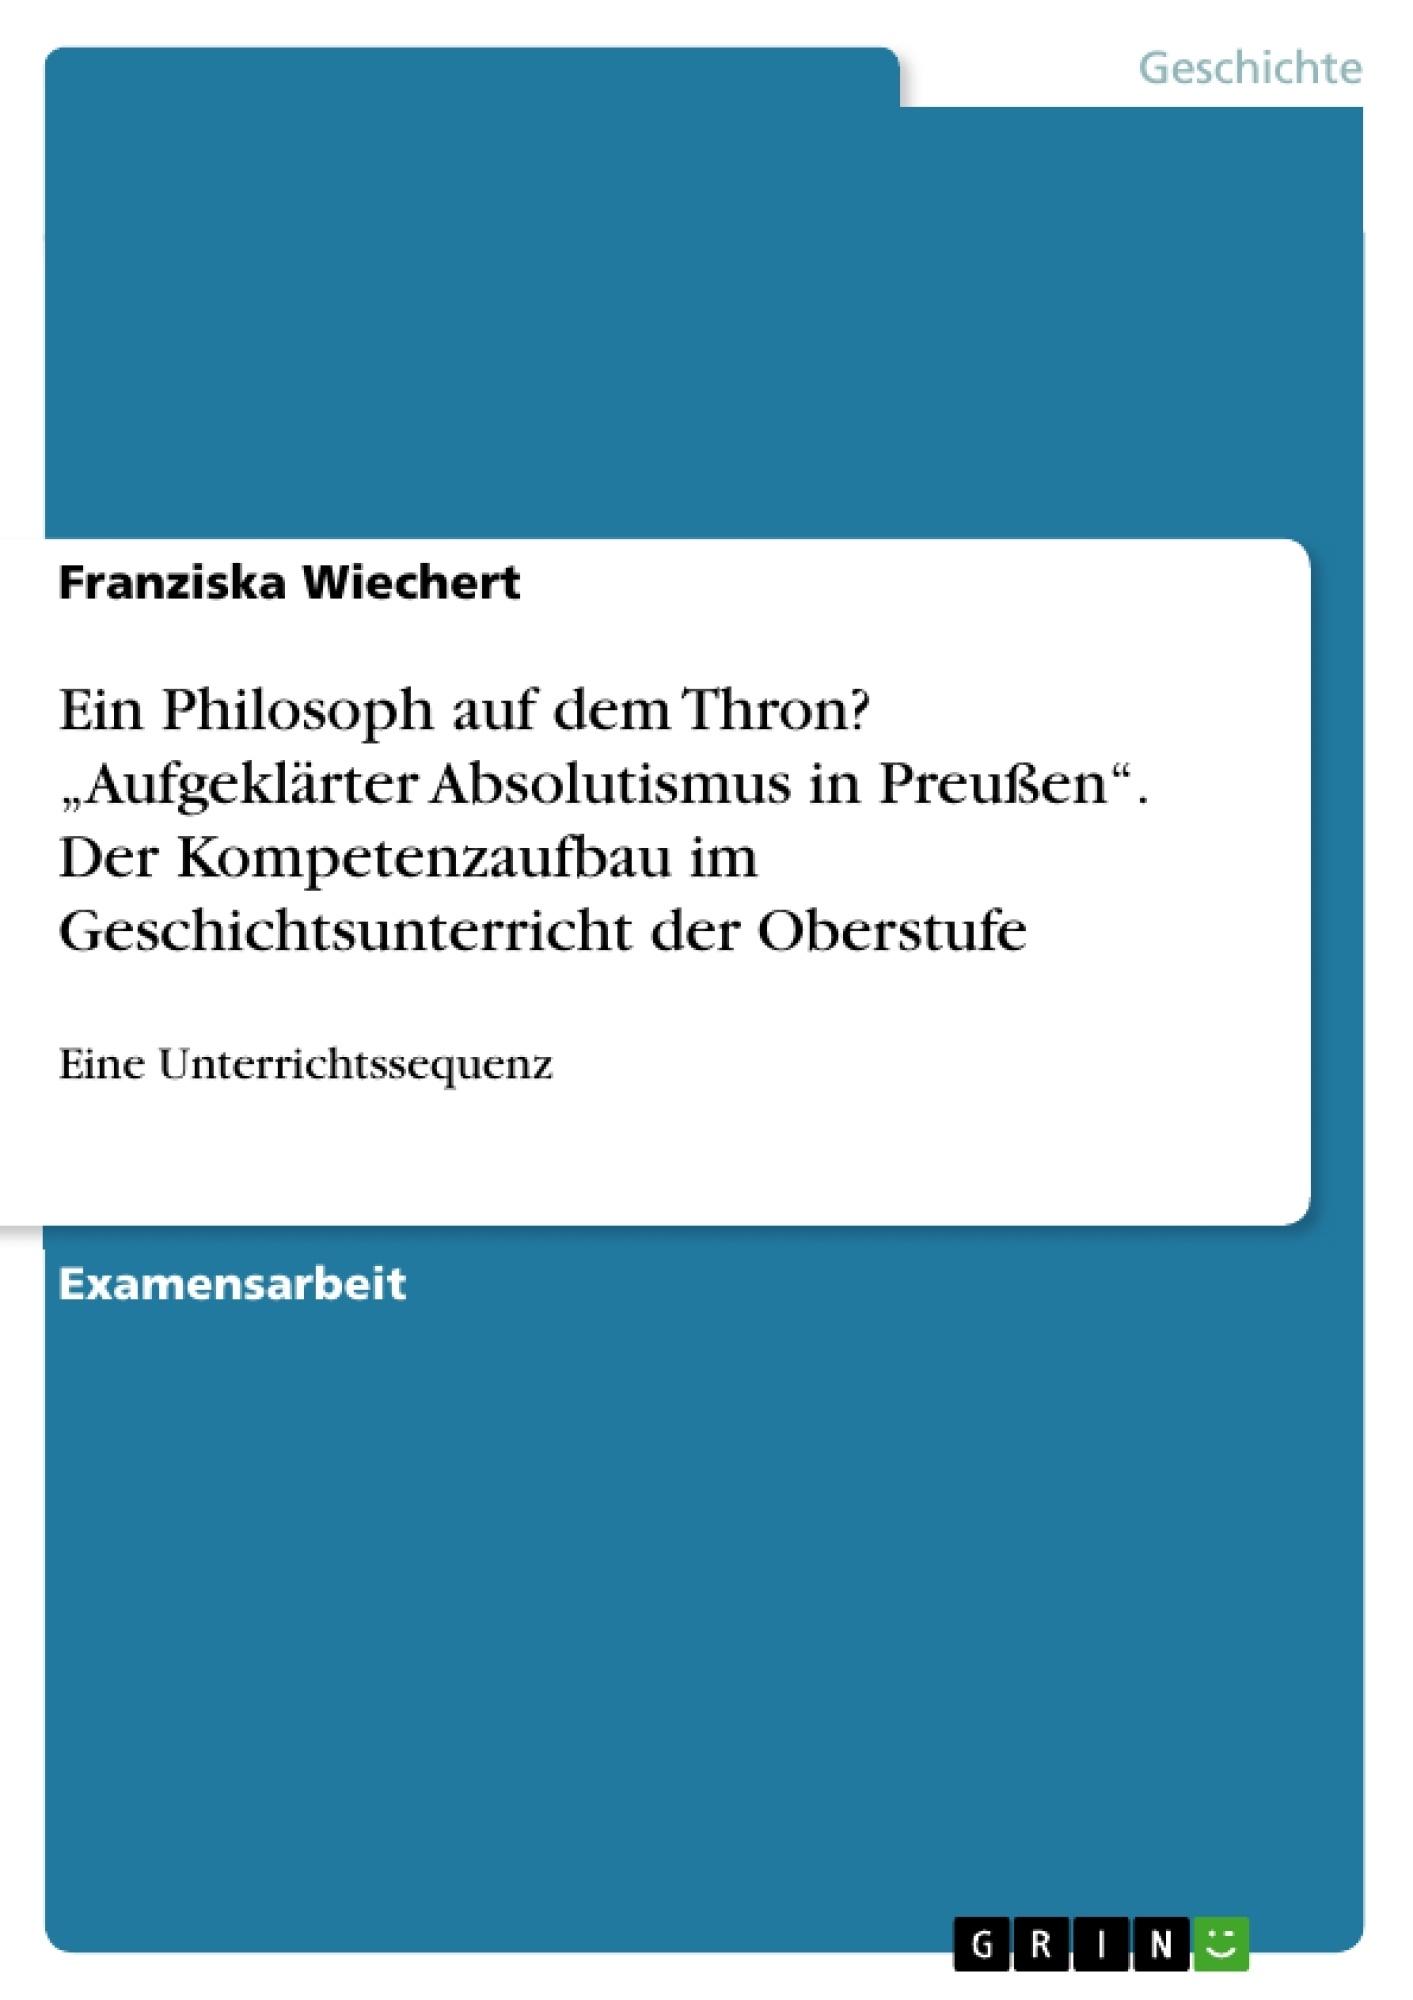 """Titel: Ein Philosoph auf dem Thron? """"Aufgeklärter Absolutismus in Preußen"""". Der Kompetenzaufbau im Geschichtsunterricht der Oberstufe"""